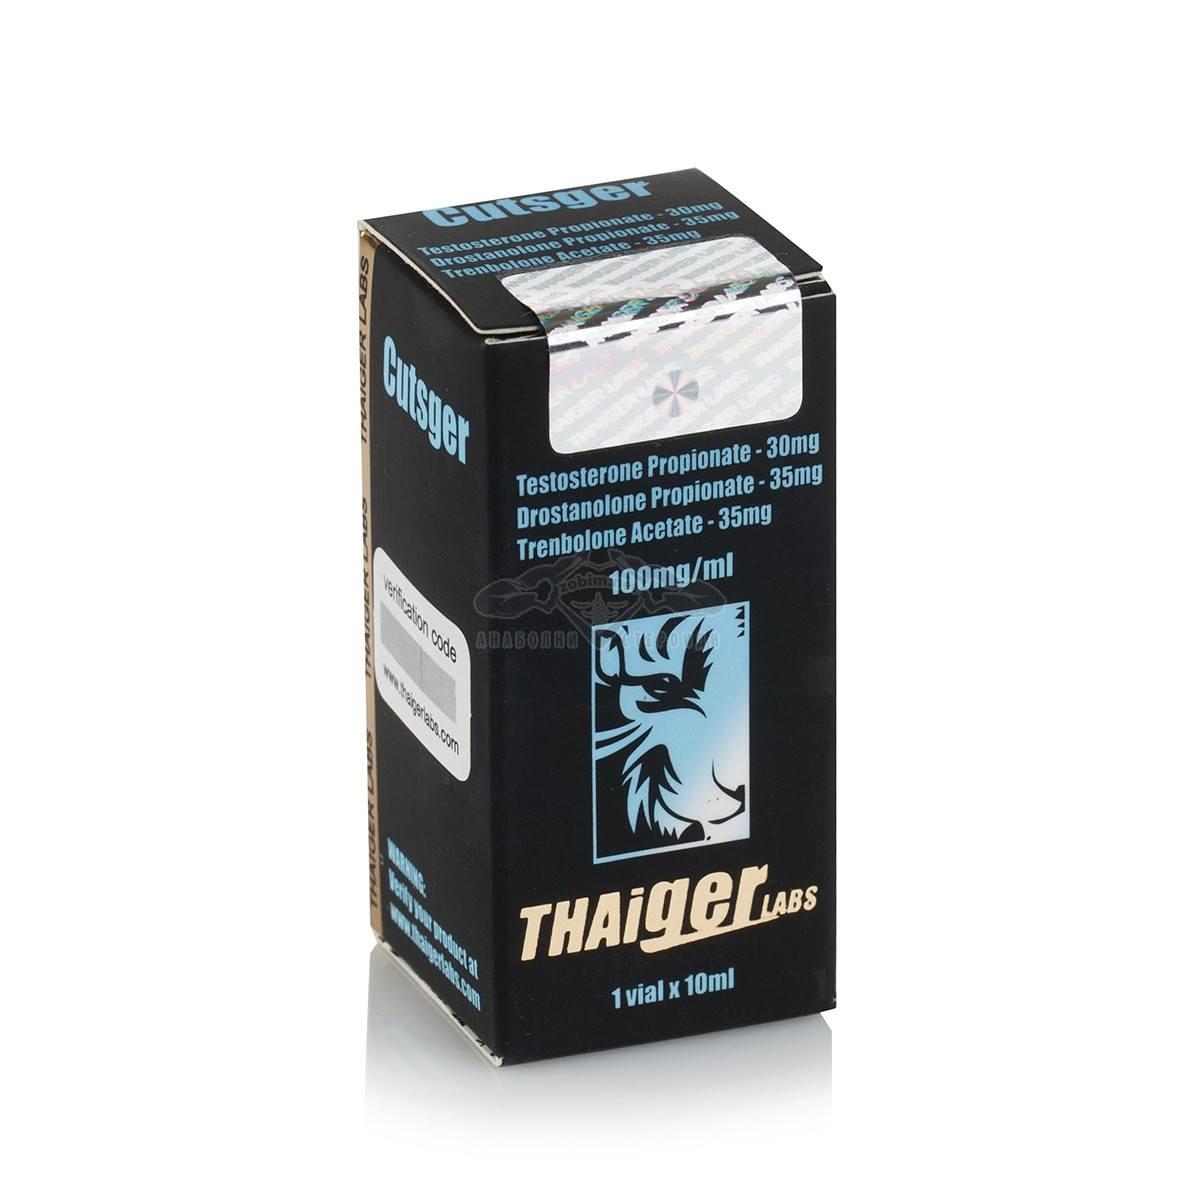 Cutsger (Testosterone Propionate,Drostanolone Propionate,Trenbolone Acetate) – 10 мл. х 100 мг.